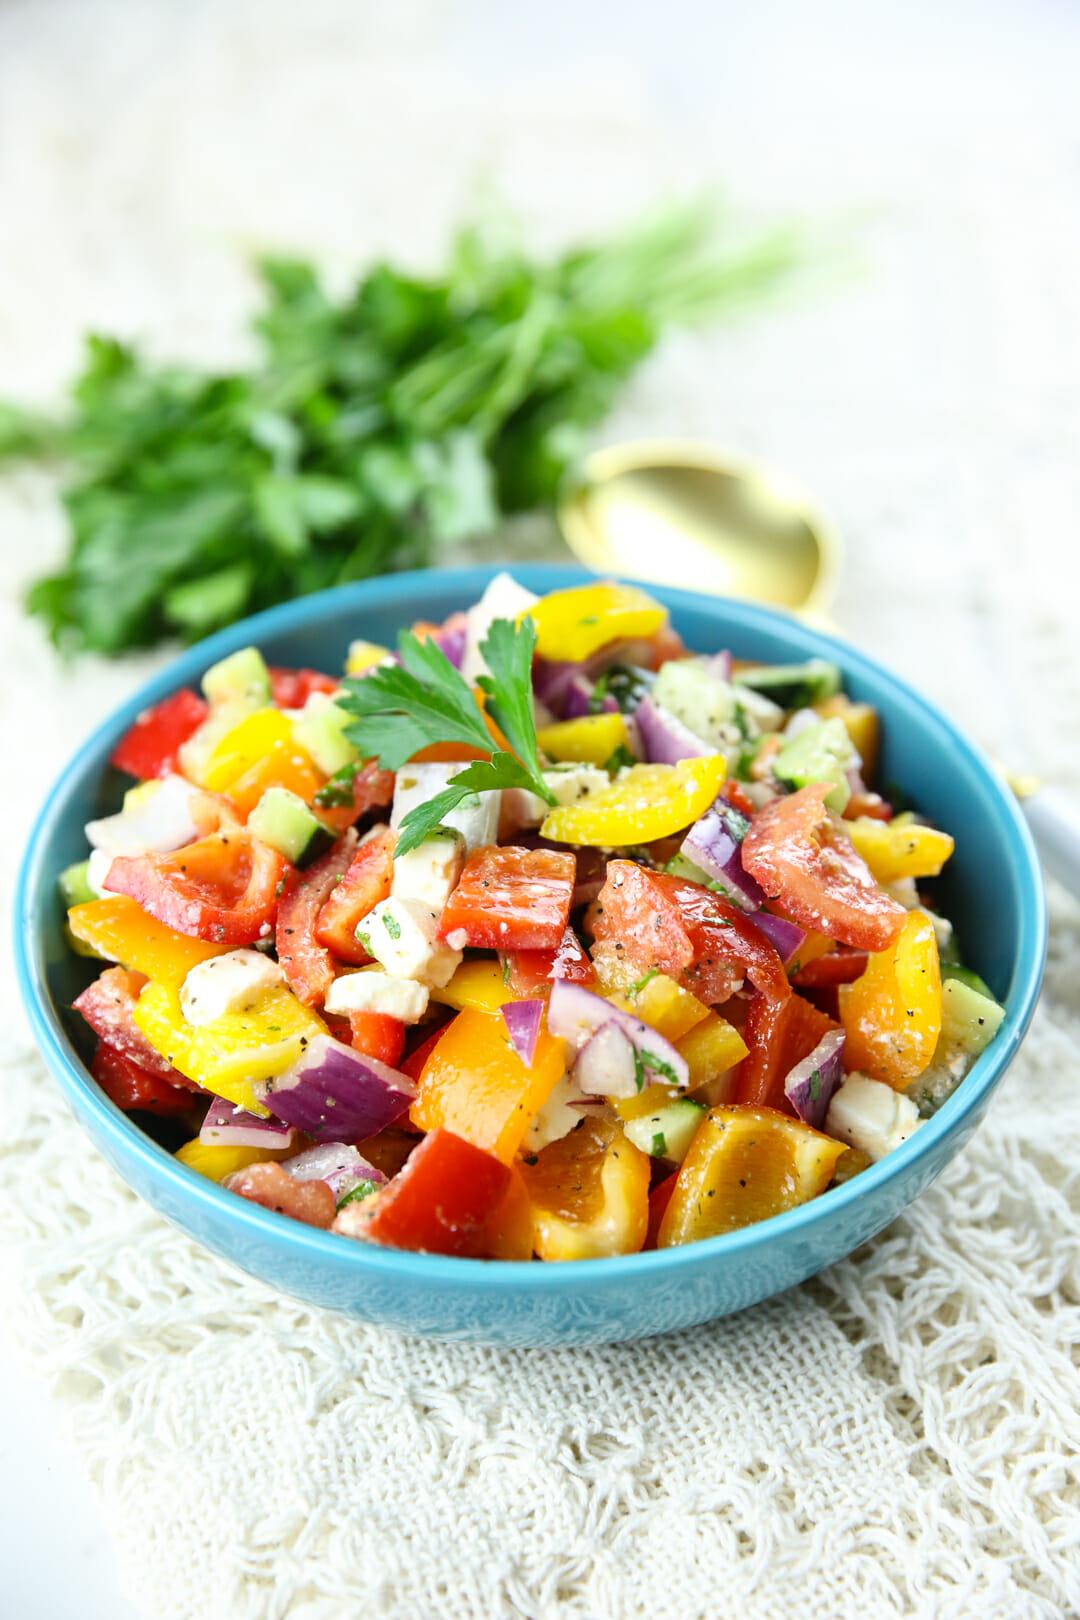 healthy vegetable salad recipe